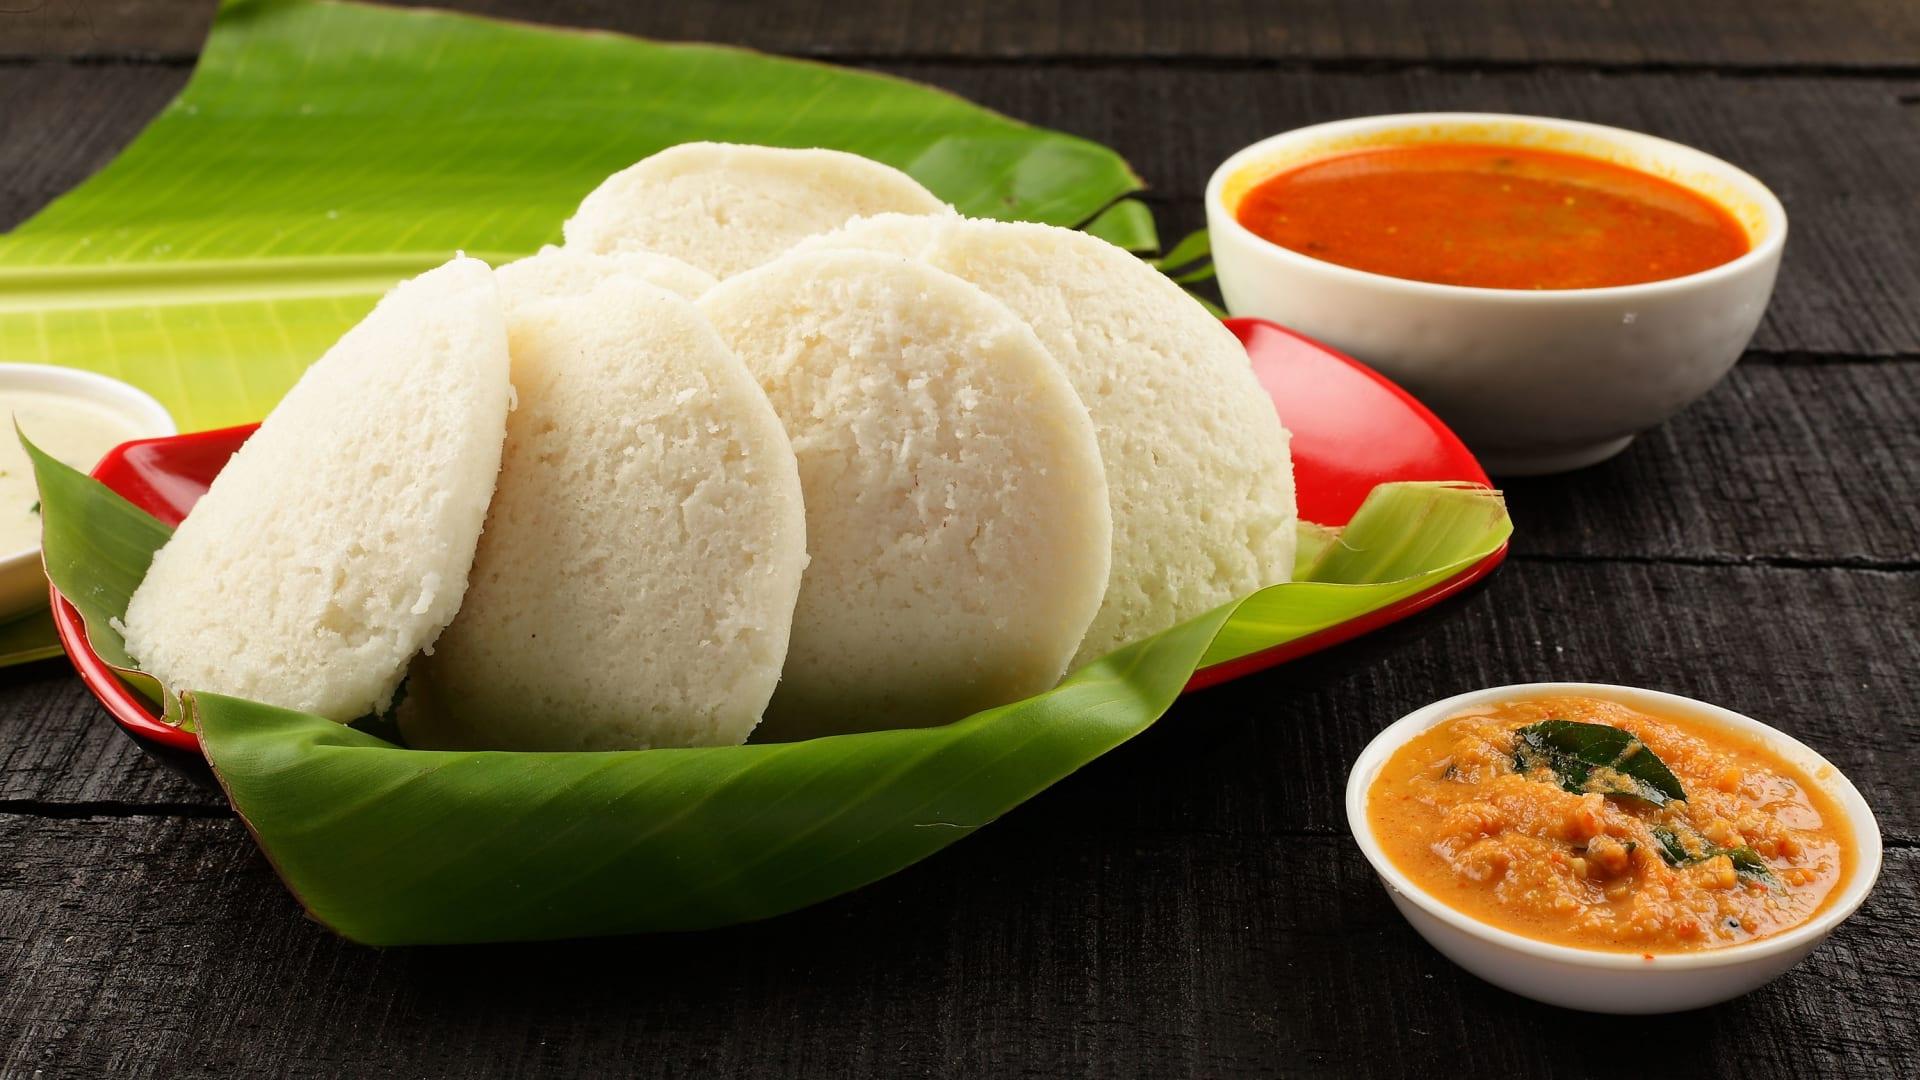 من الهند إلى تايلاند .. استكشف أكثر الأطعمة الحارة من حول العالم